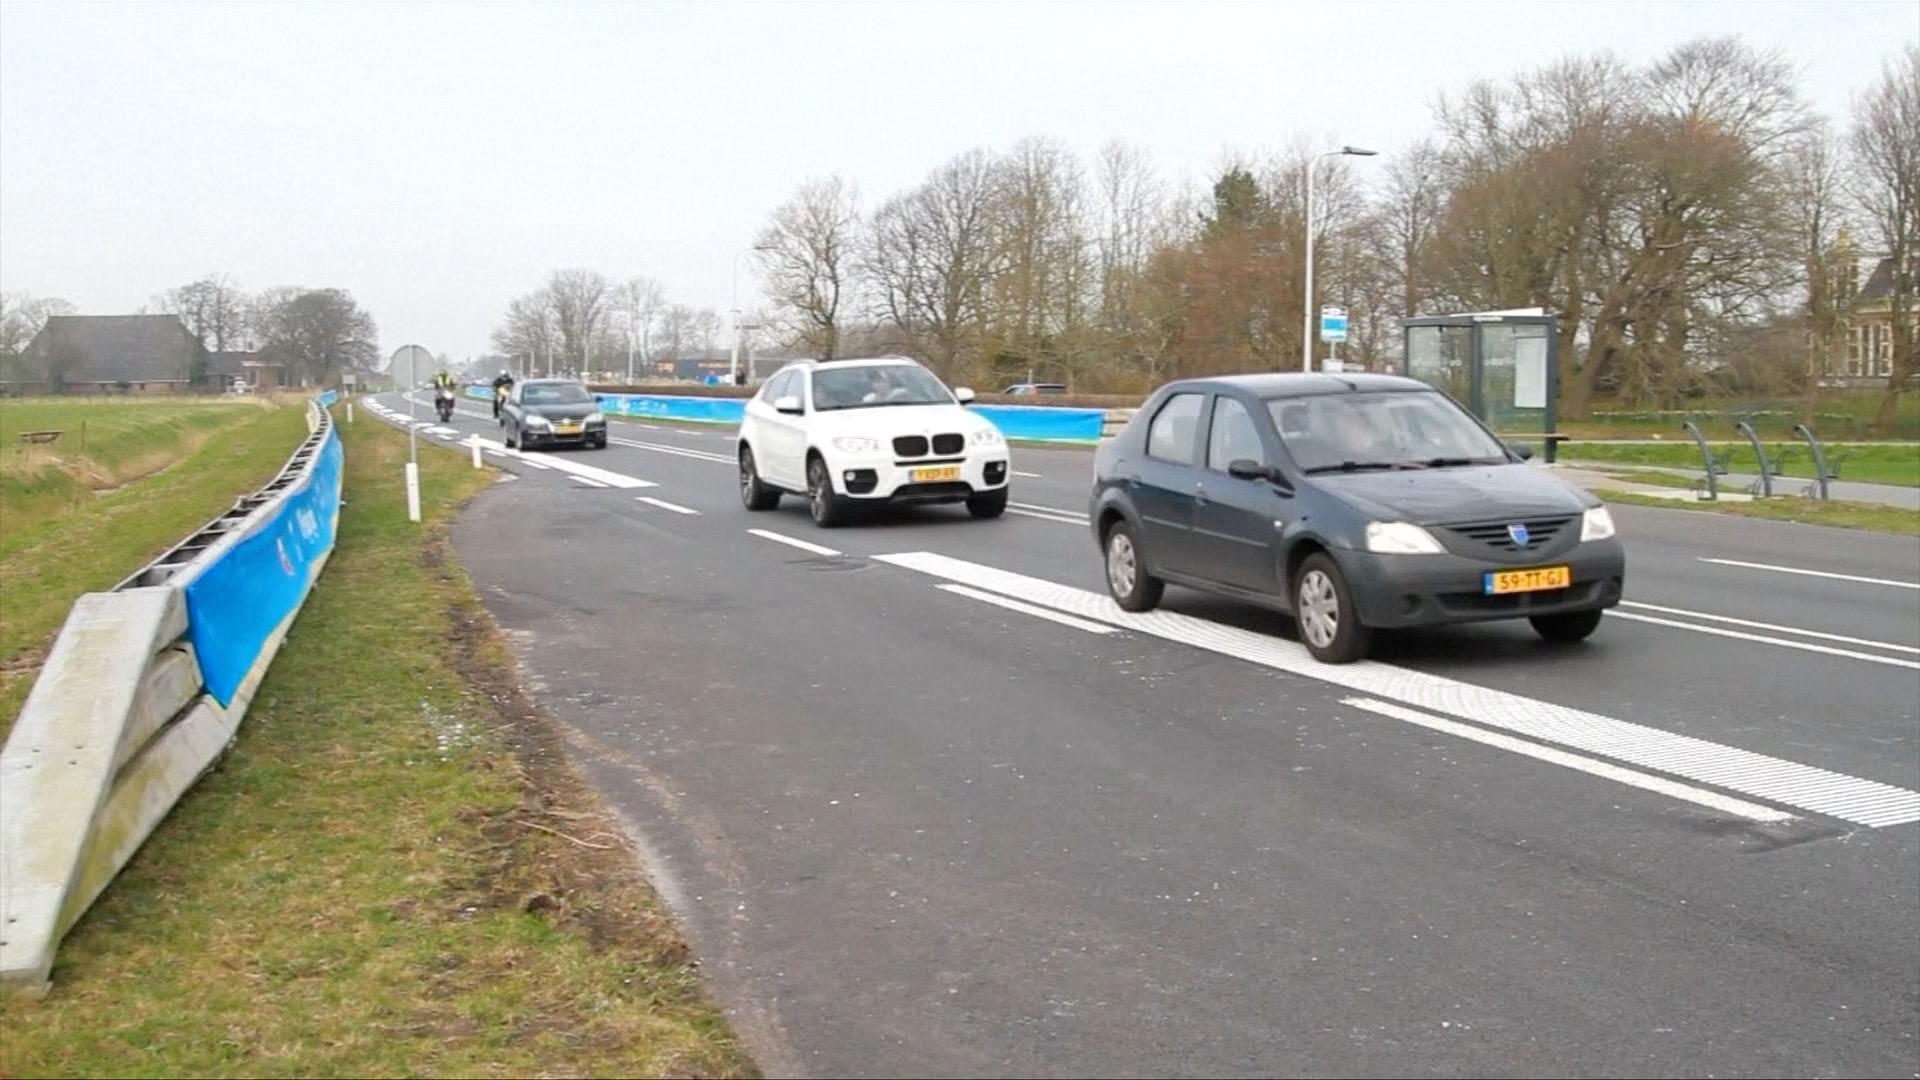 Con đường siêu lãng mạn ở Hà Lan: Xe lăn bánh đến đâu, nhạc vang lên tới đó